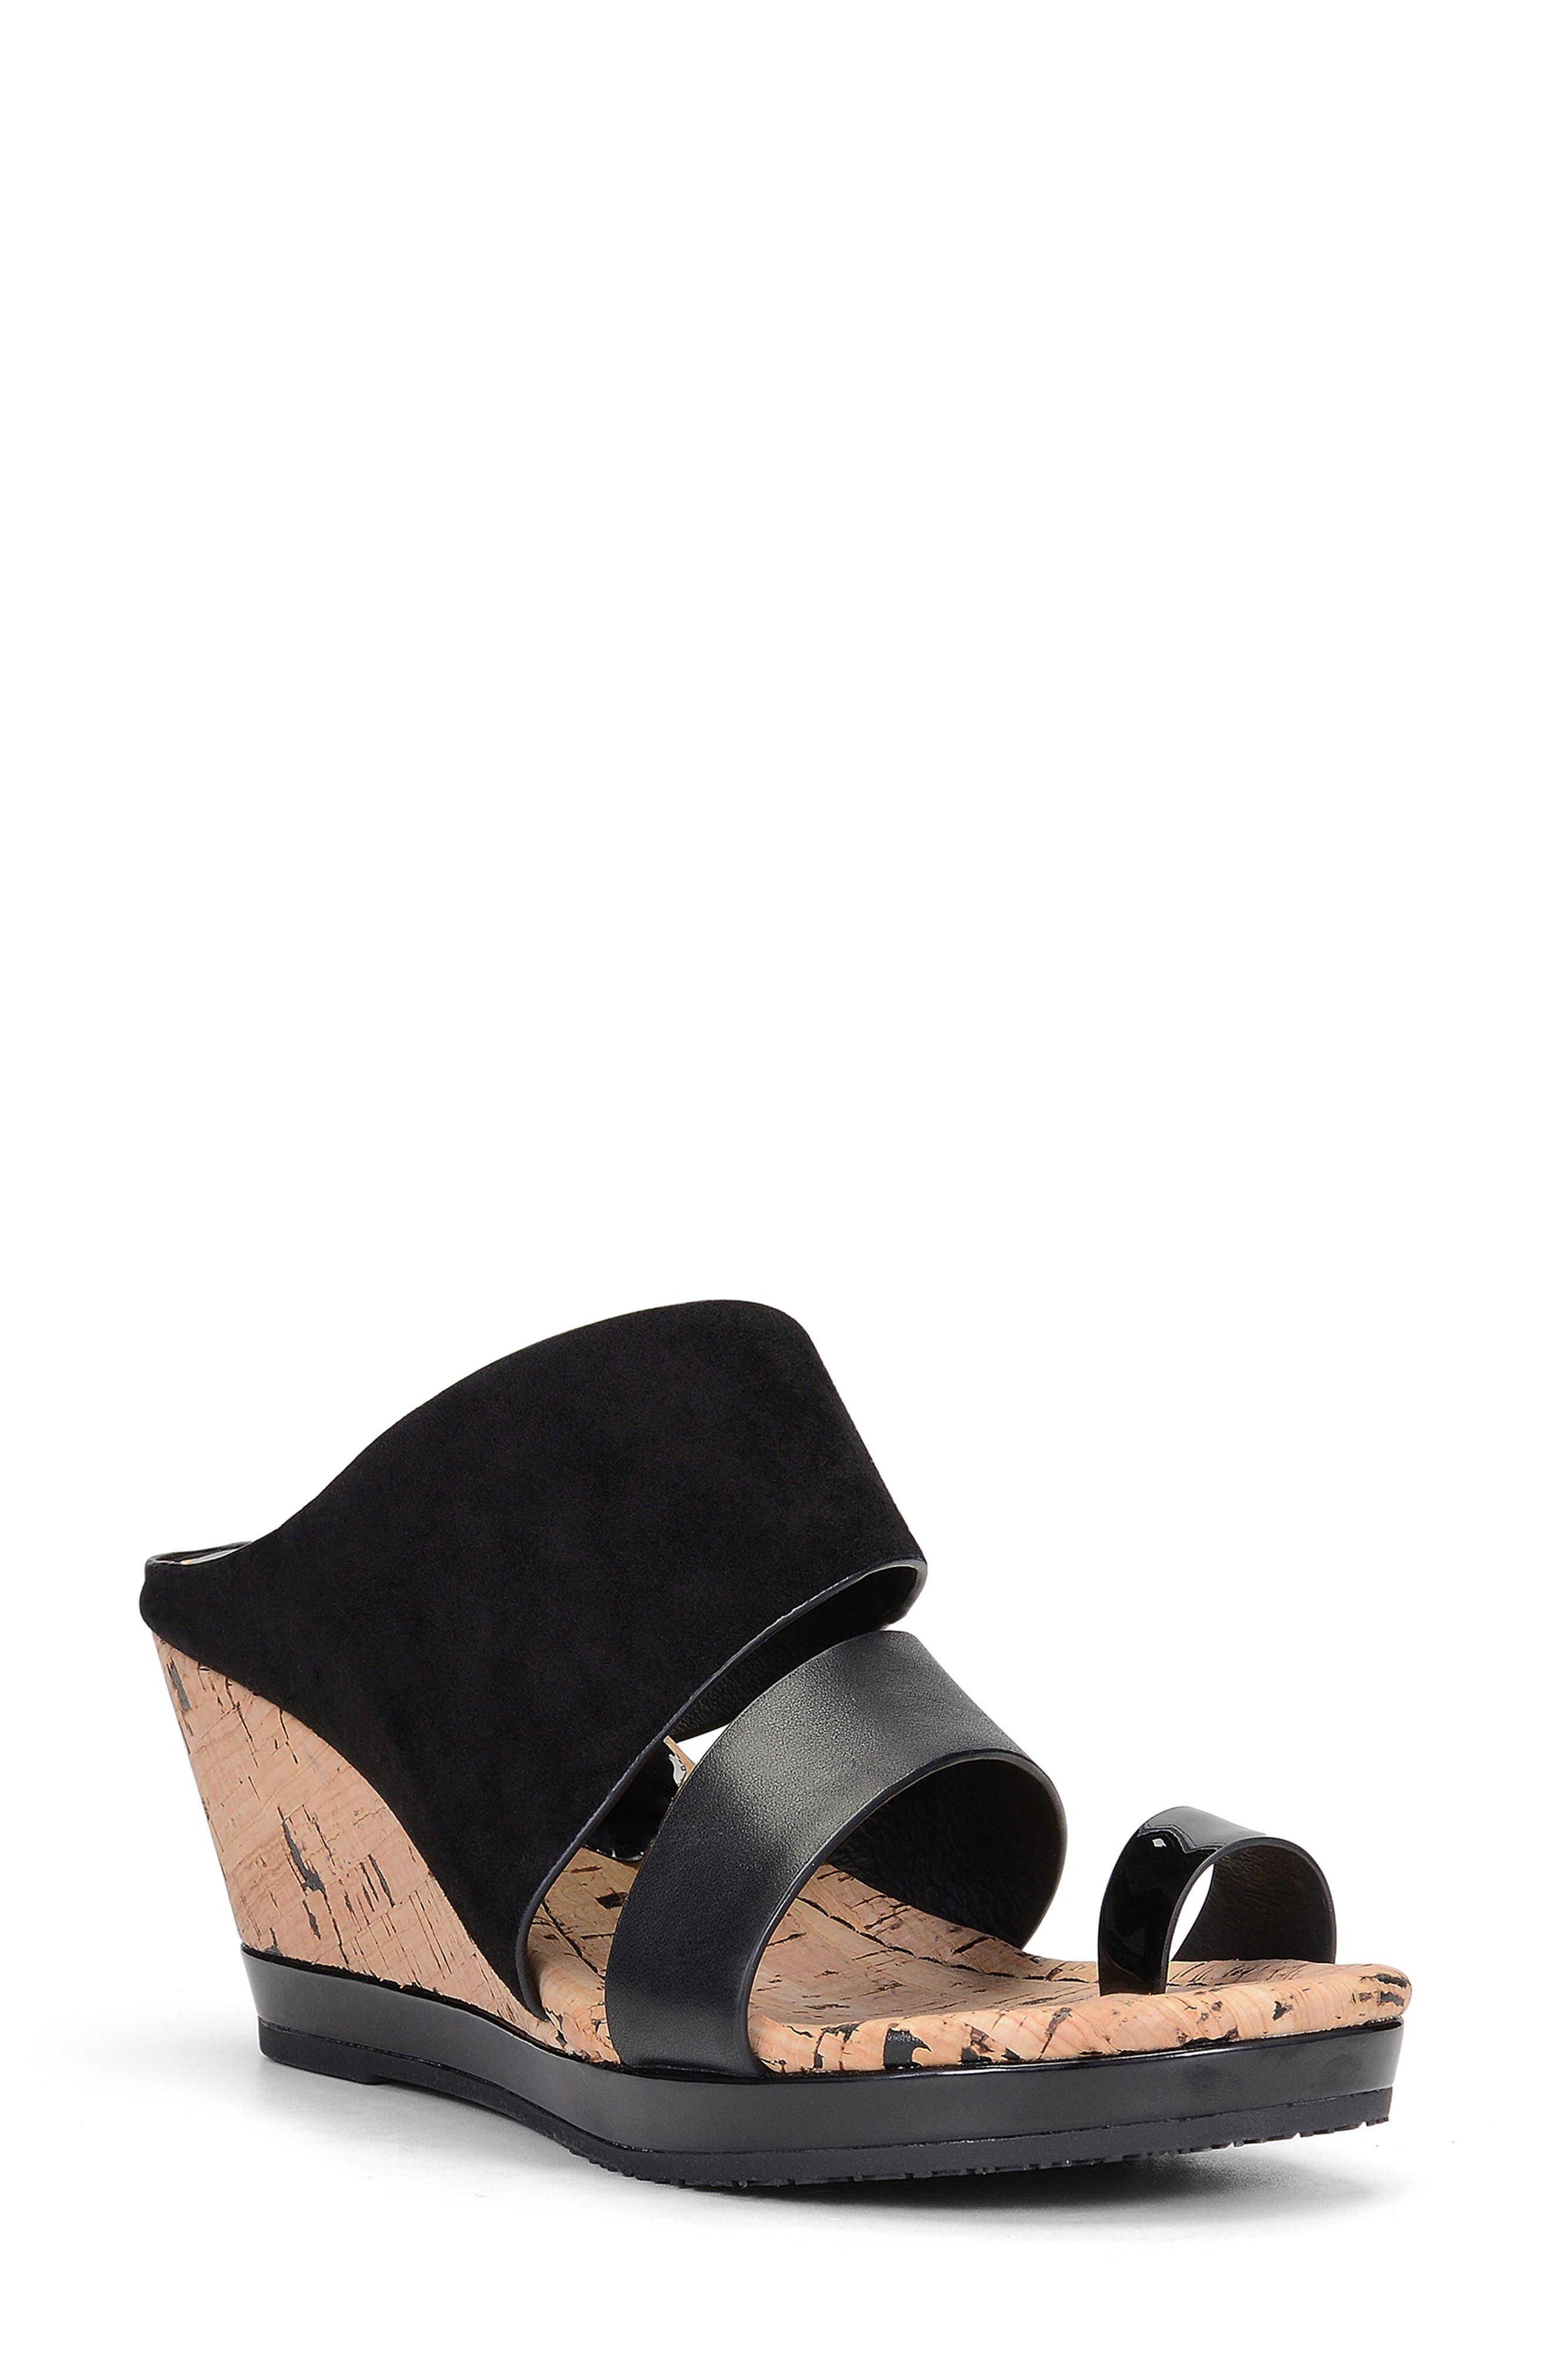 Montce Wedge Slide Sandal